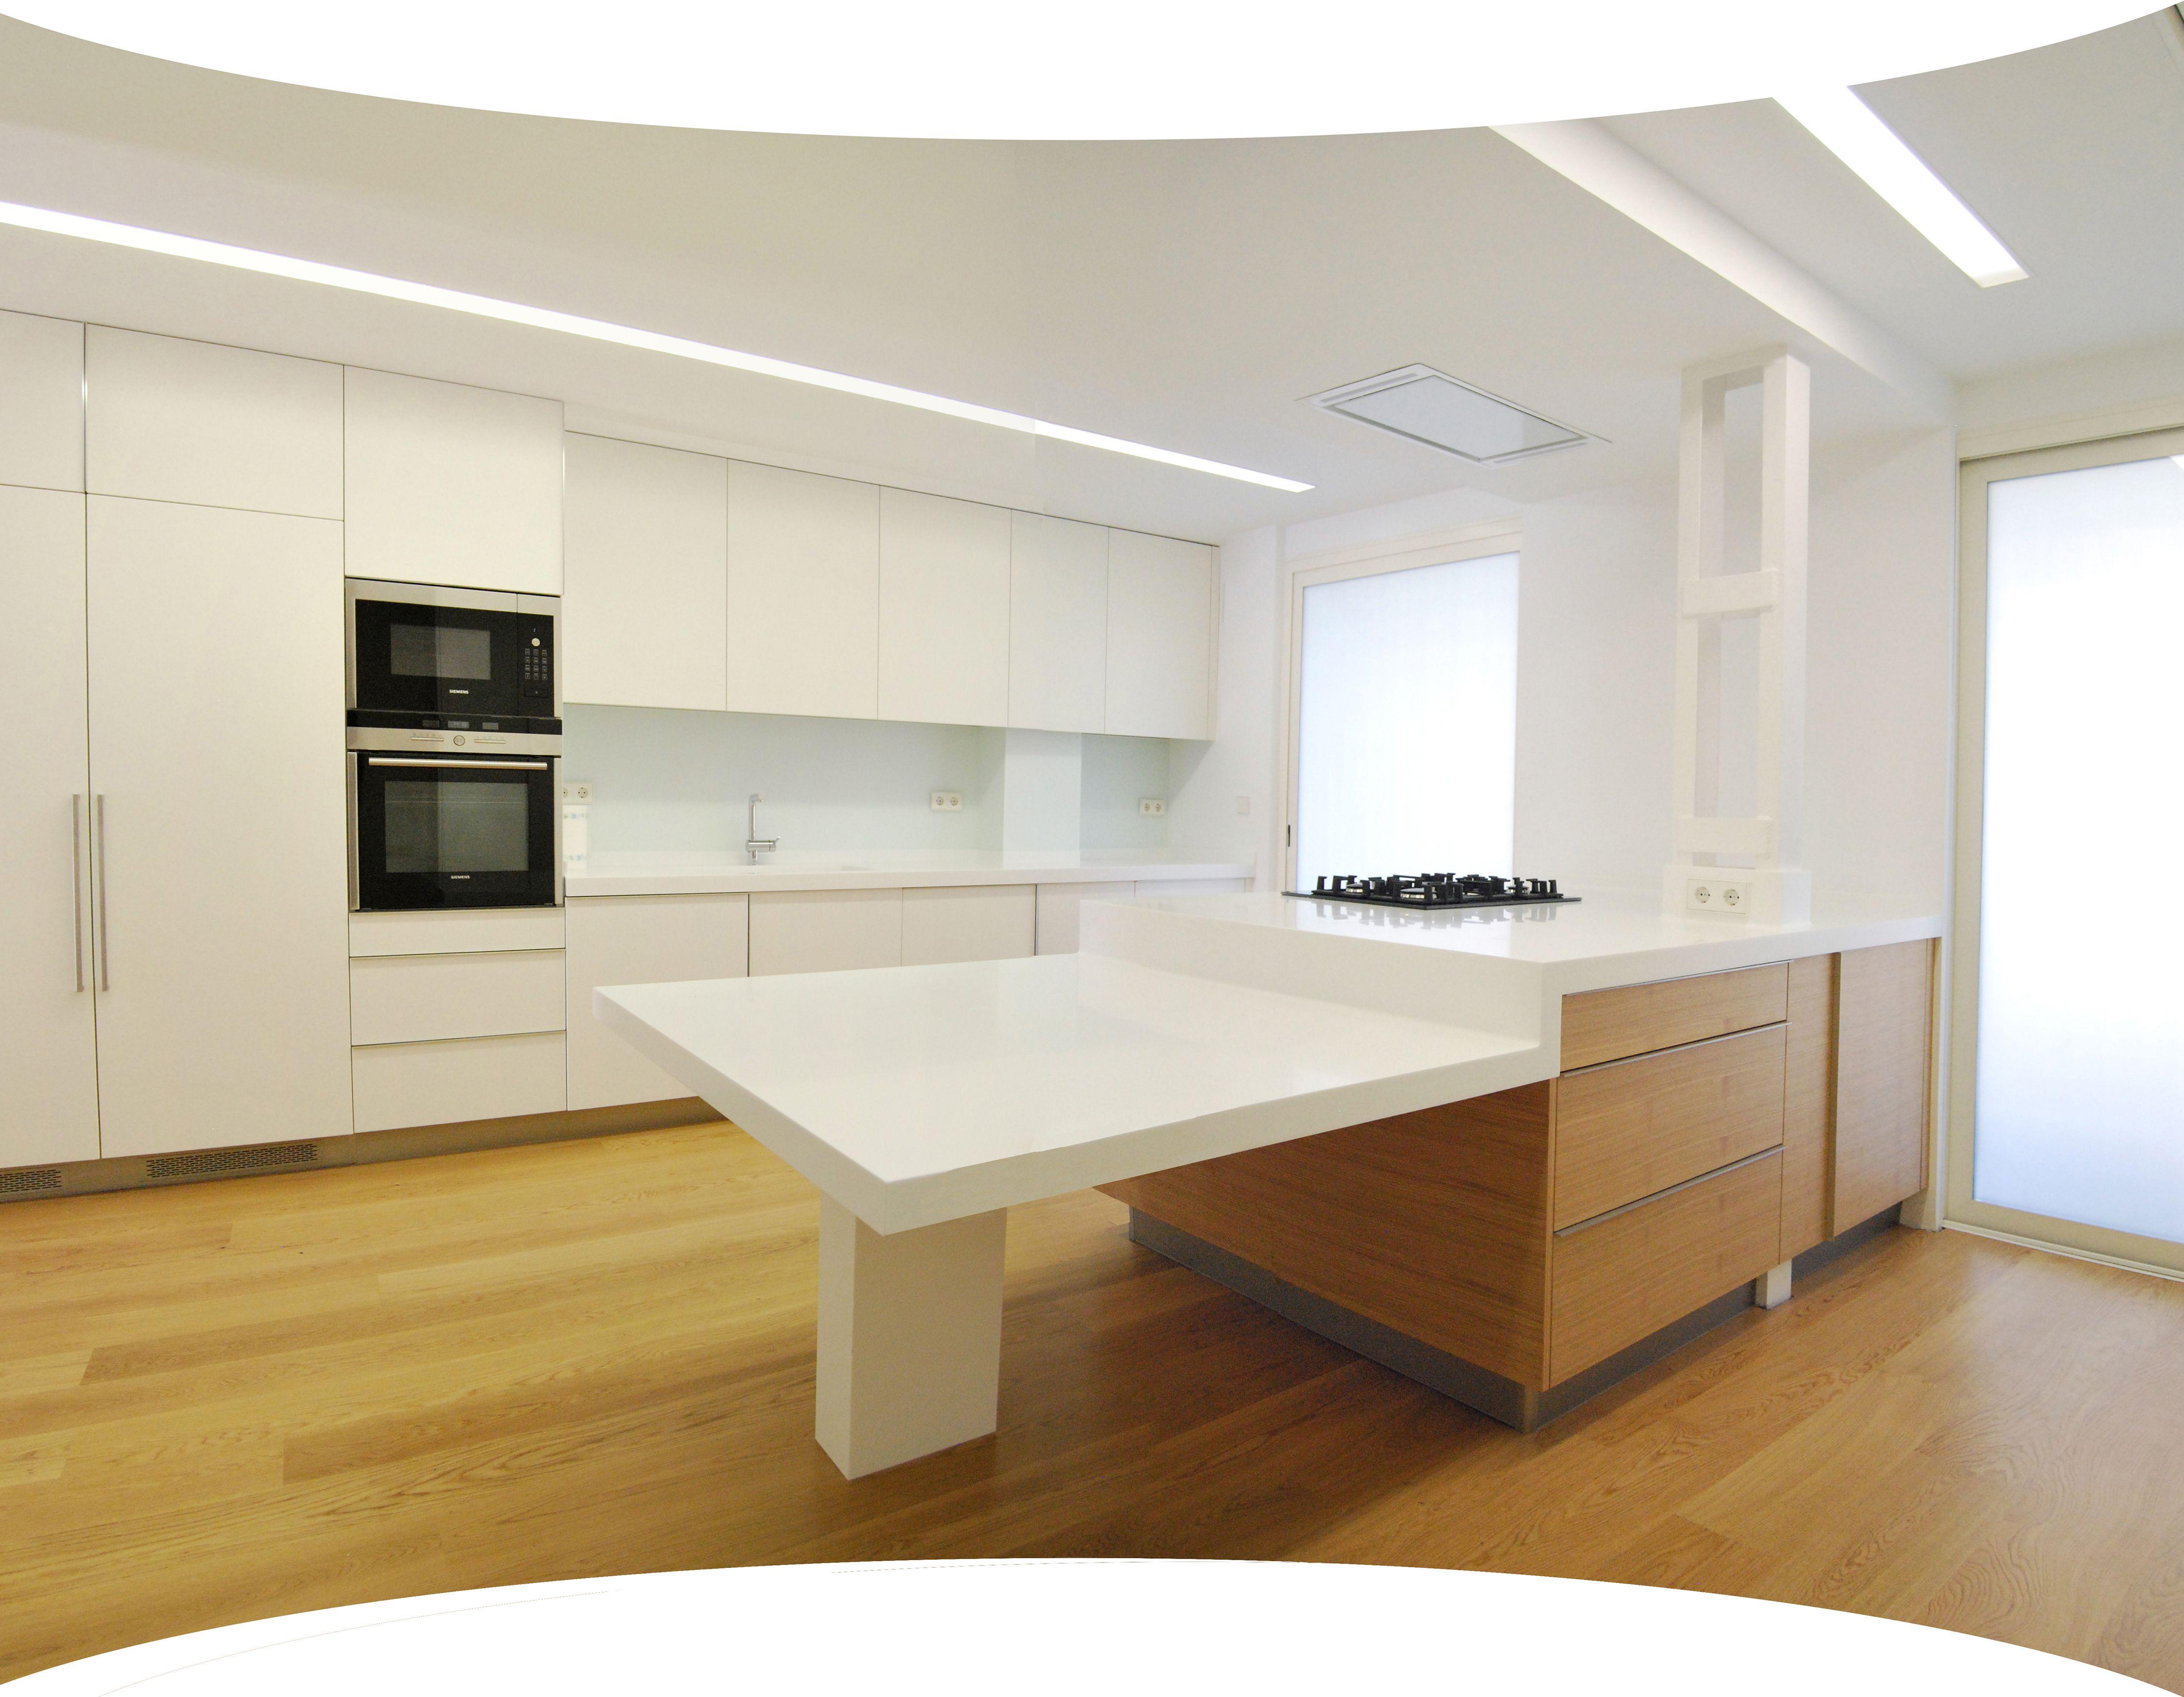 Corian cocina encimera superficie blanca corian cocinas for Superficie cocina